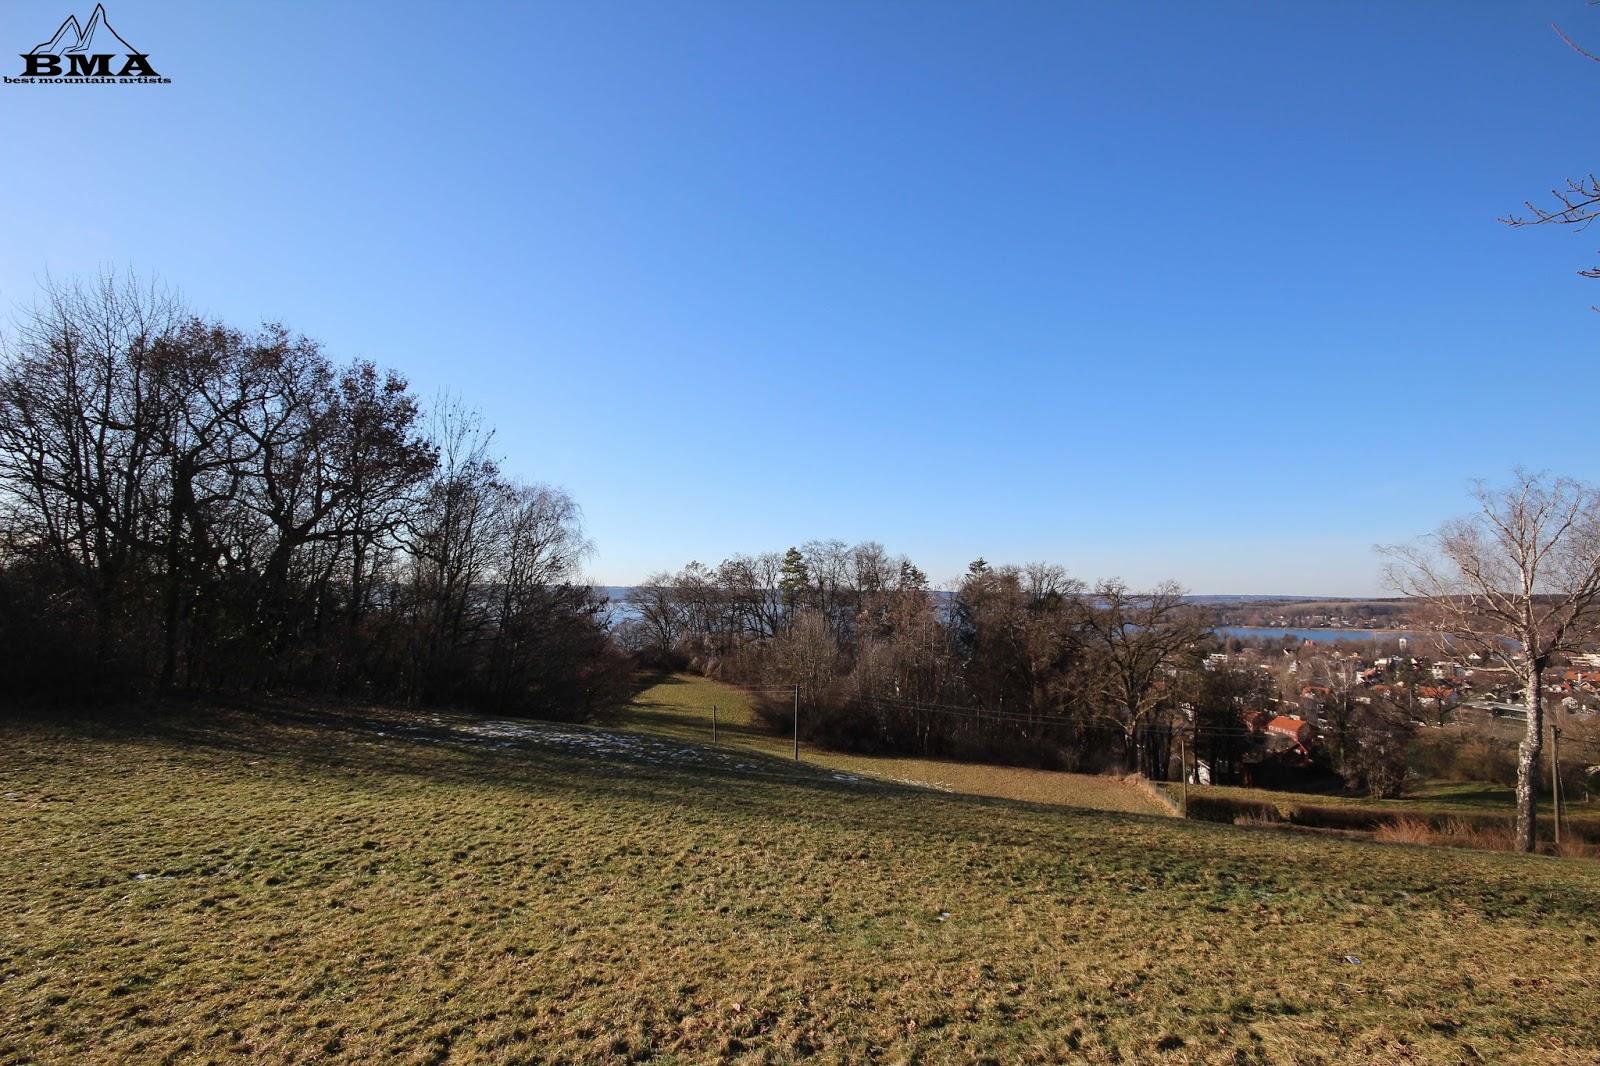 Wandern In Munchen Von Herrsching Ammersee Zum Kloster Andechs